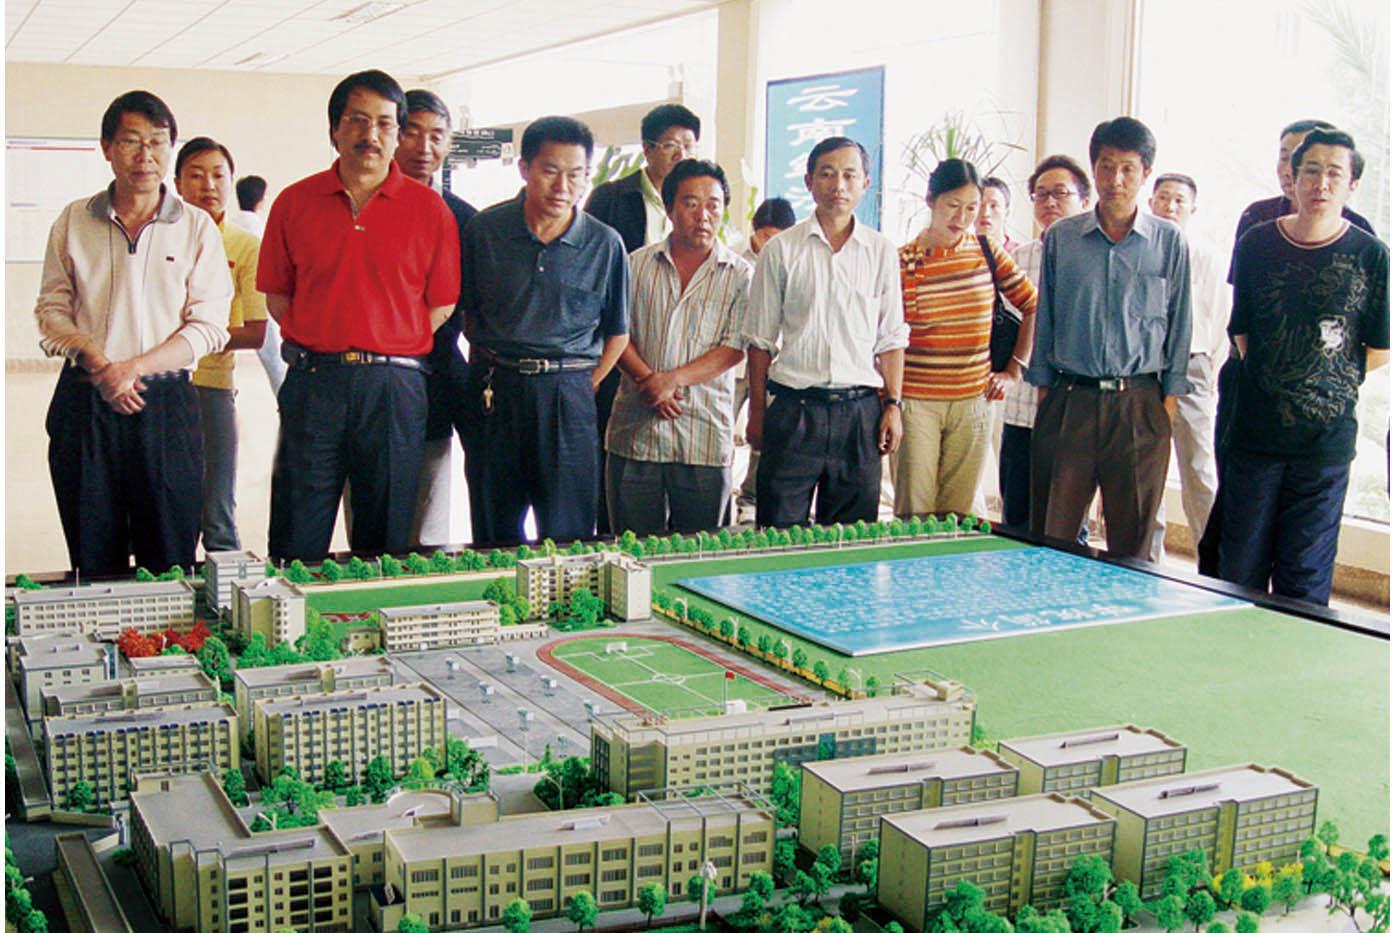 云南省各地州招生办主任莅临学院海源校区指导工作